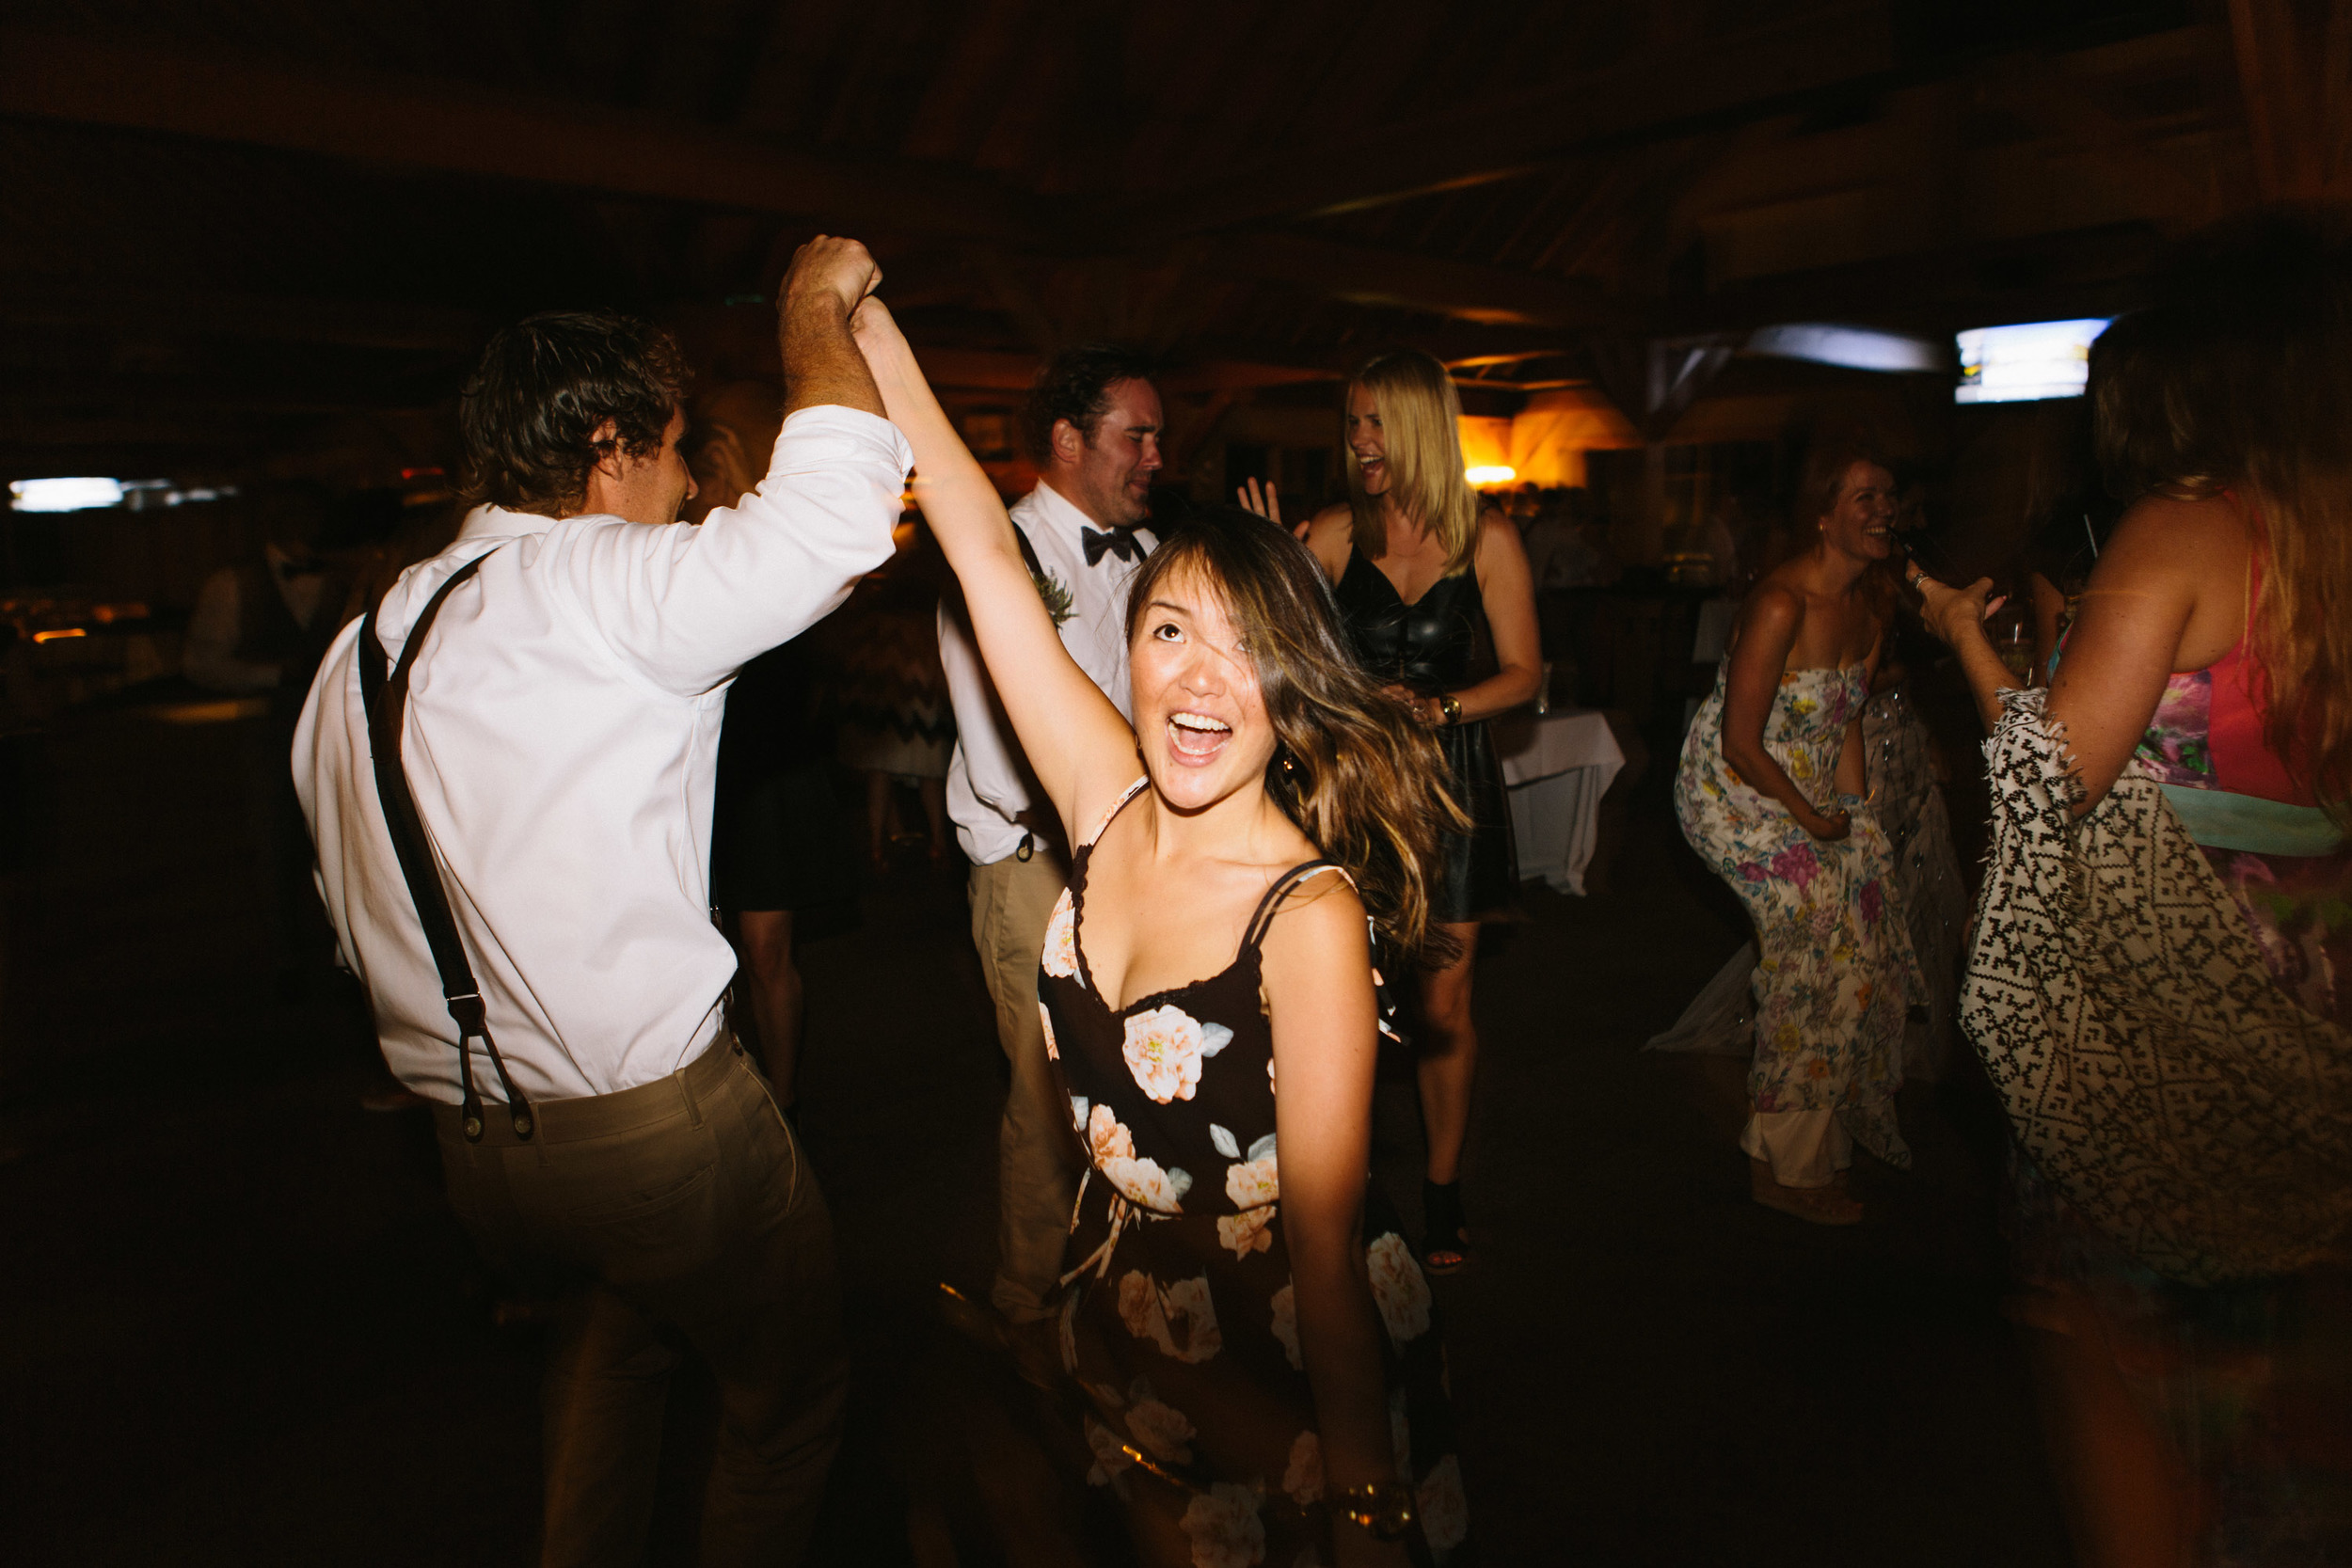 michael-rousseau-photography-shannae-ingleton-wedding-sean-craigleith-ski-club-wedding099.jpg